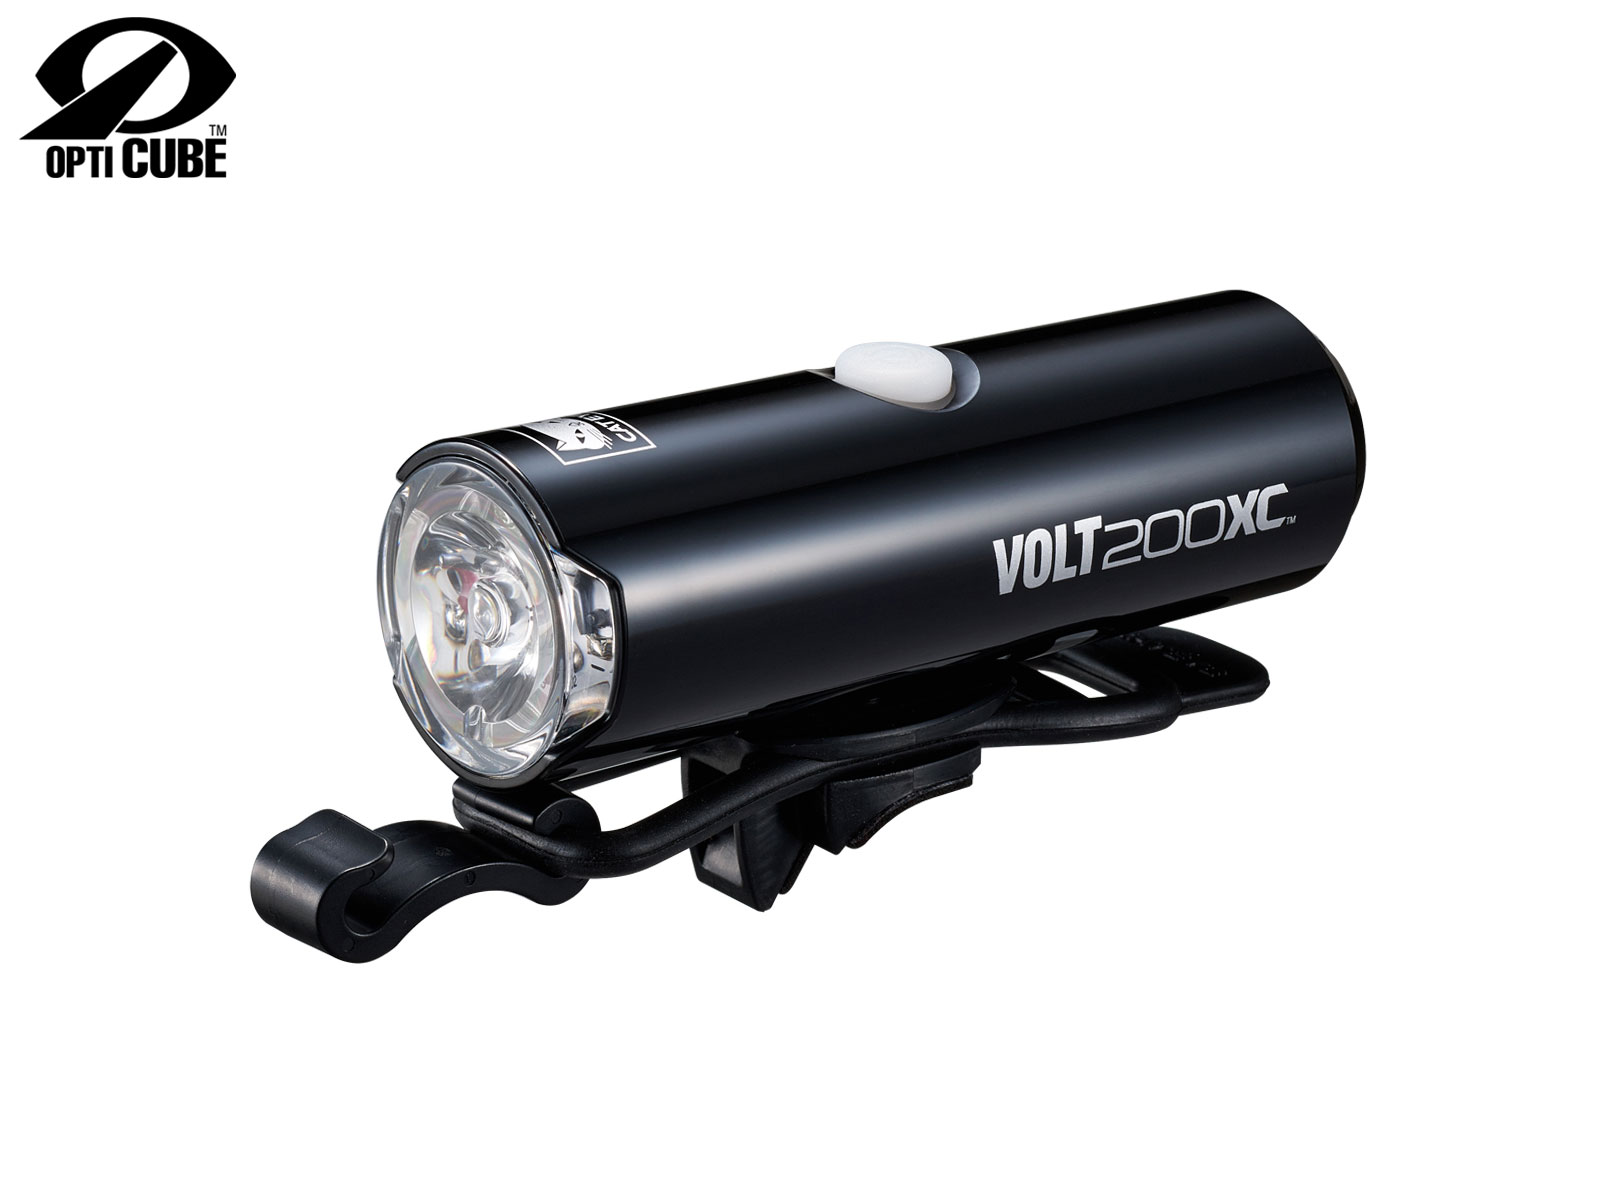 Cateye Světlo př. Cat HL-El060Rc Volt200XC černá